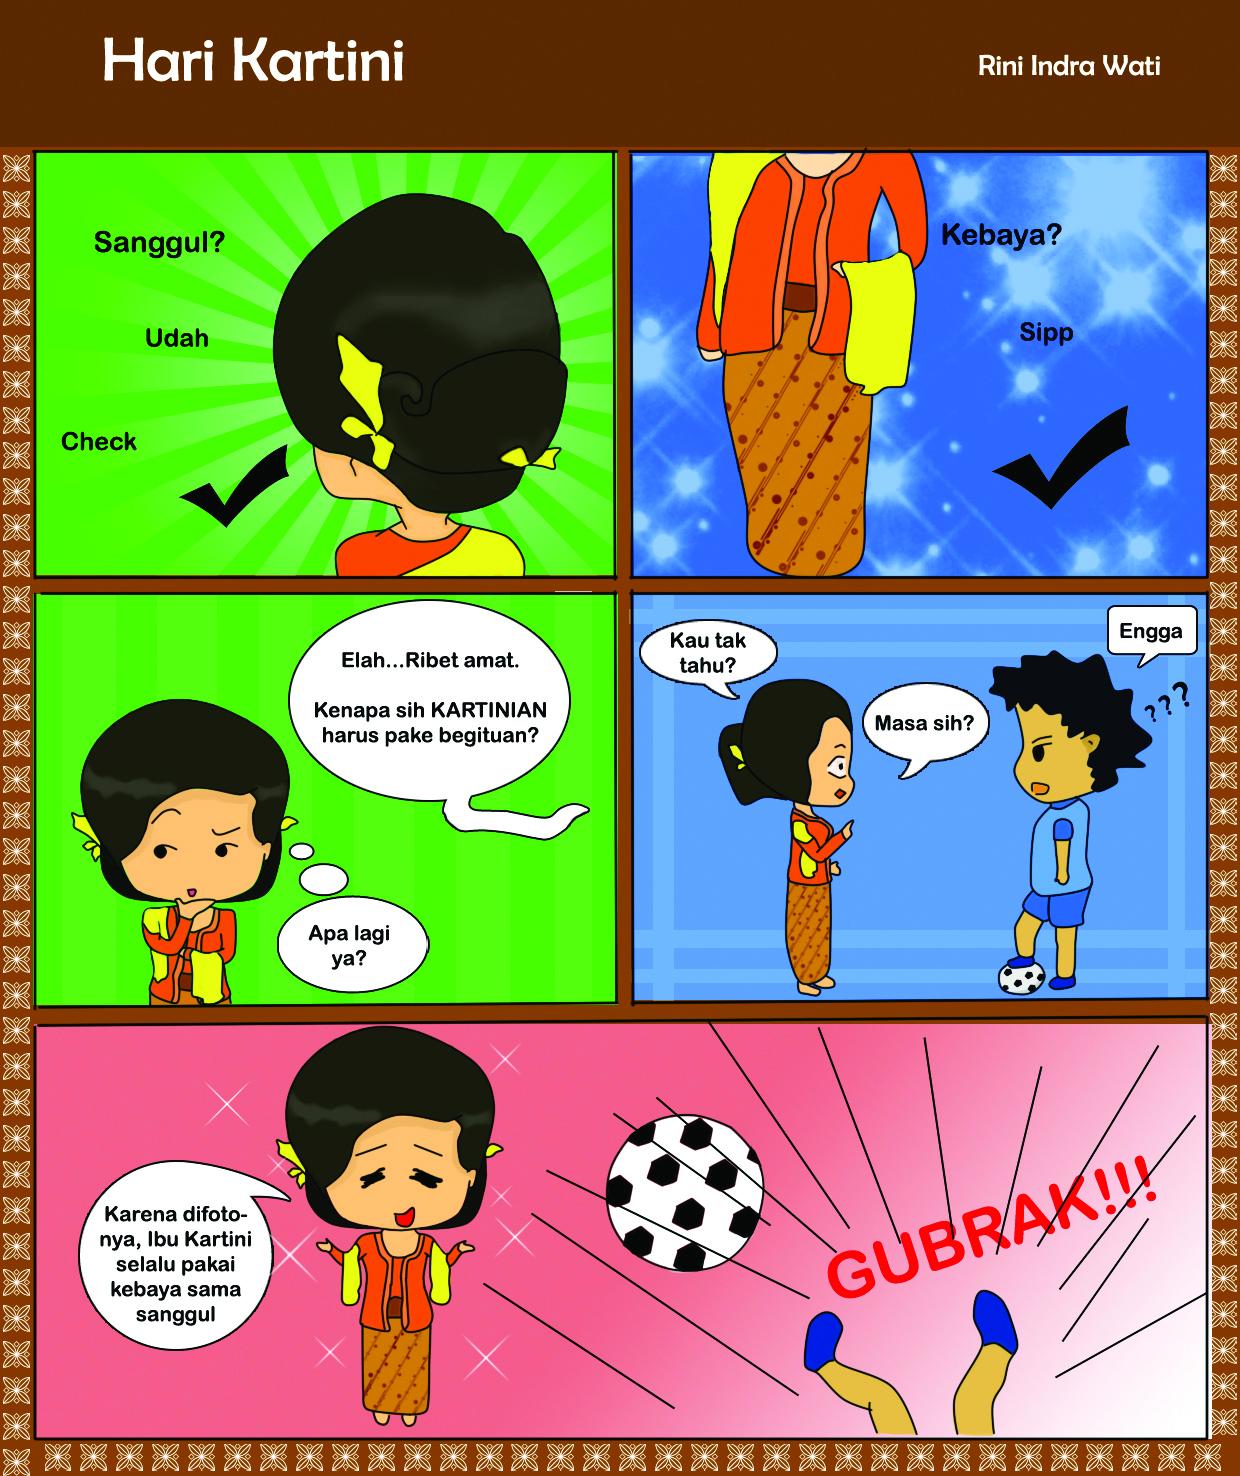 Hari Kartini - Rini Indra Wati